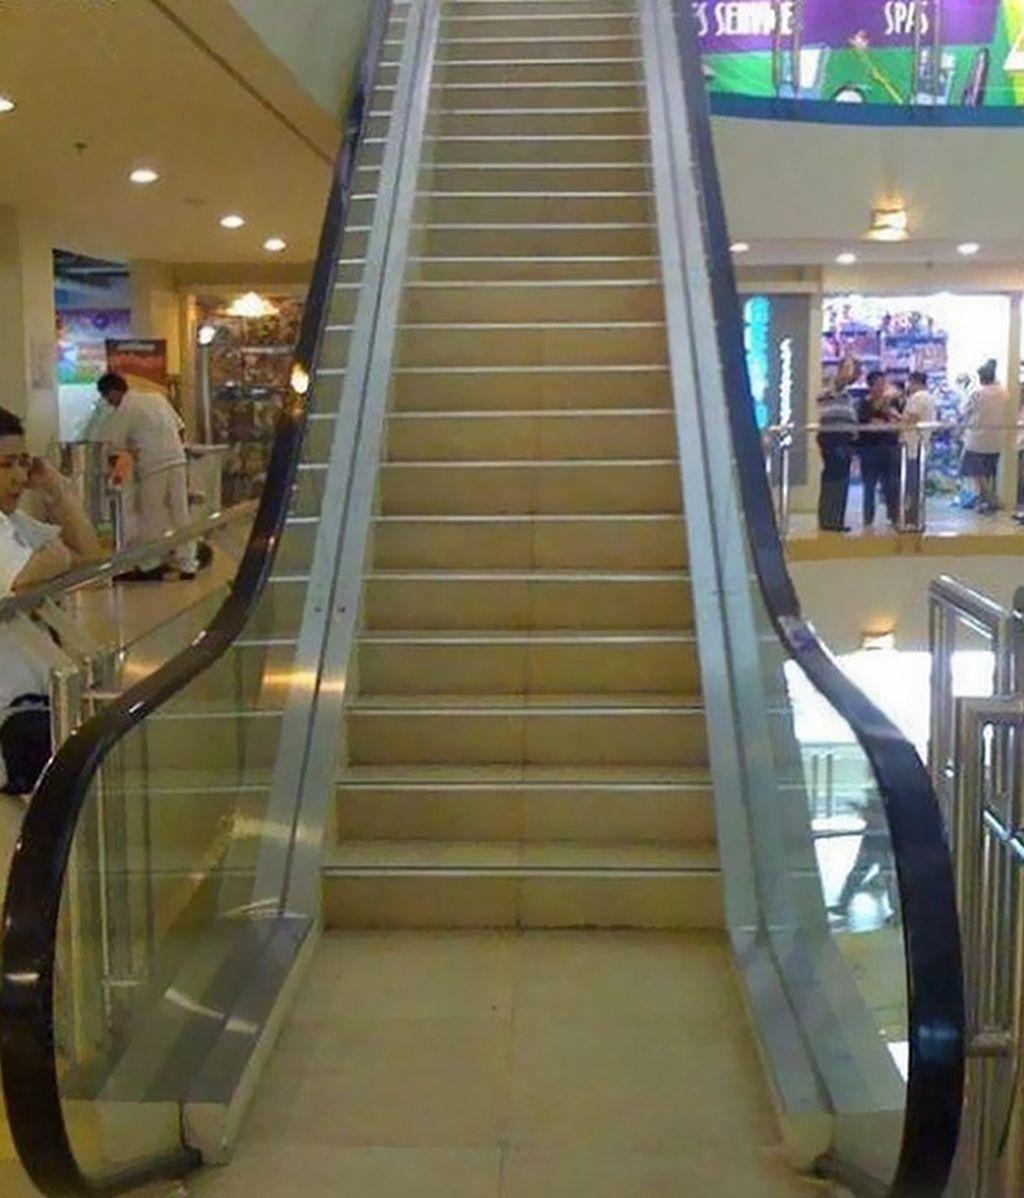 ¡Menudo disfraz de escalera mecánica!